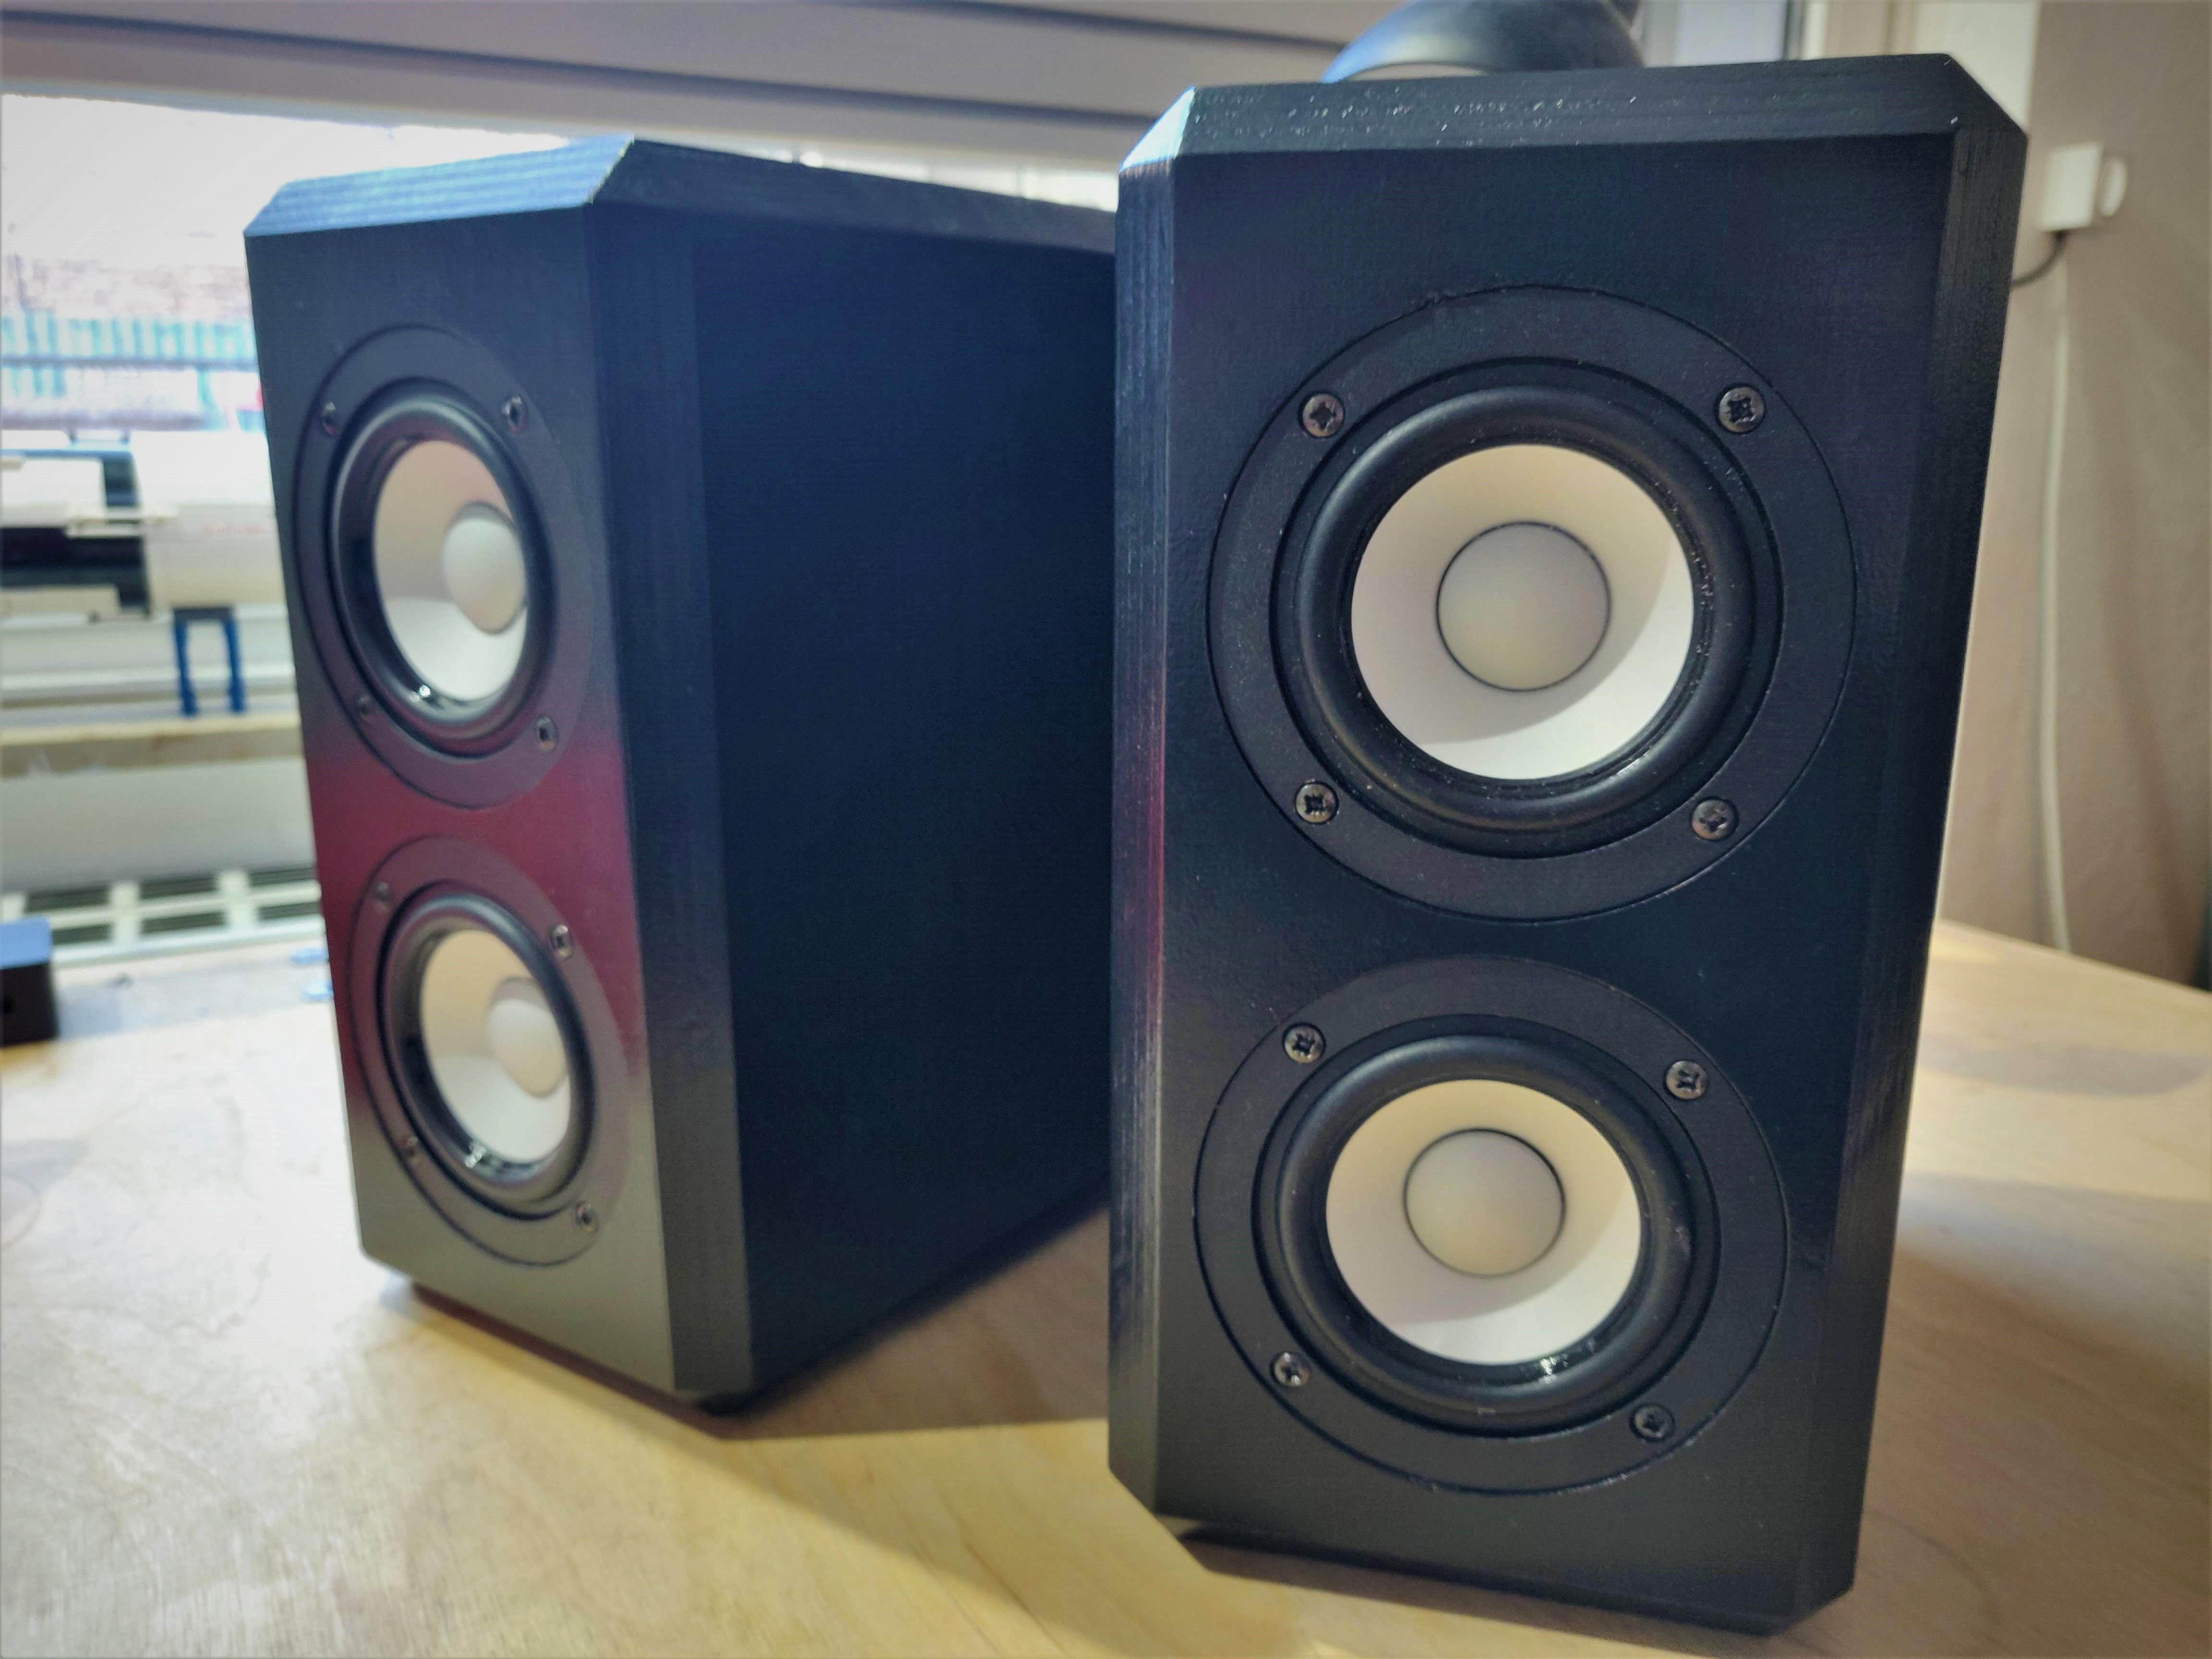 Lautsprecher gesucht! Aufbau und Review: Lautsprecherbausatz Double Three